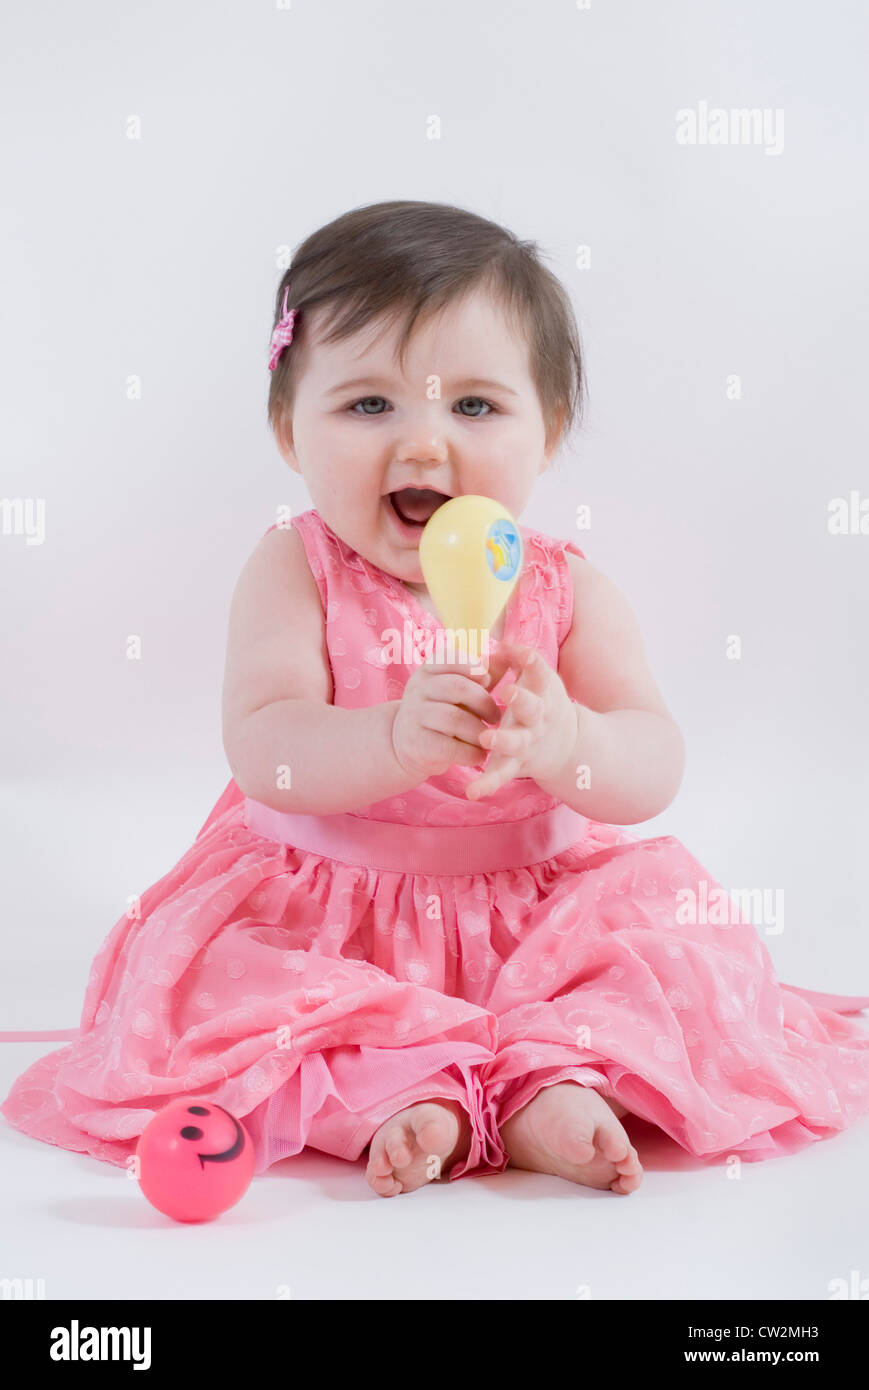 Porträt von einem Baby Mädchen gekleidet in Rüschen rosa Party Kleid ...